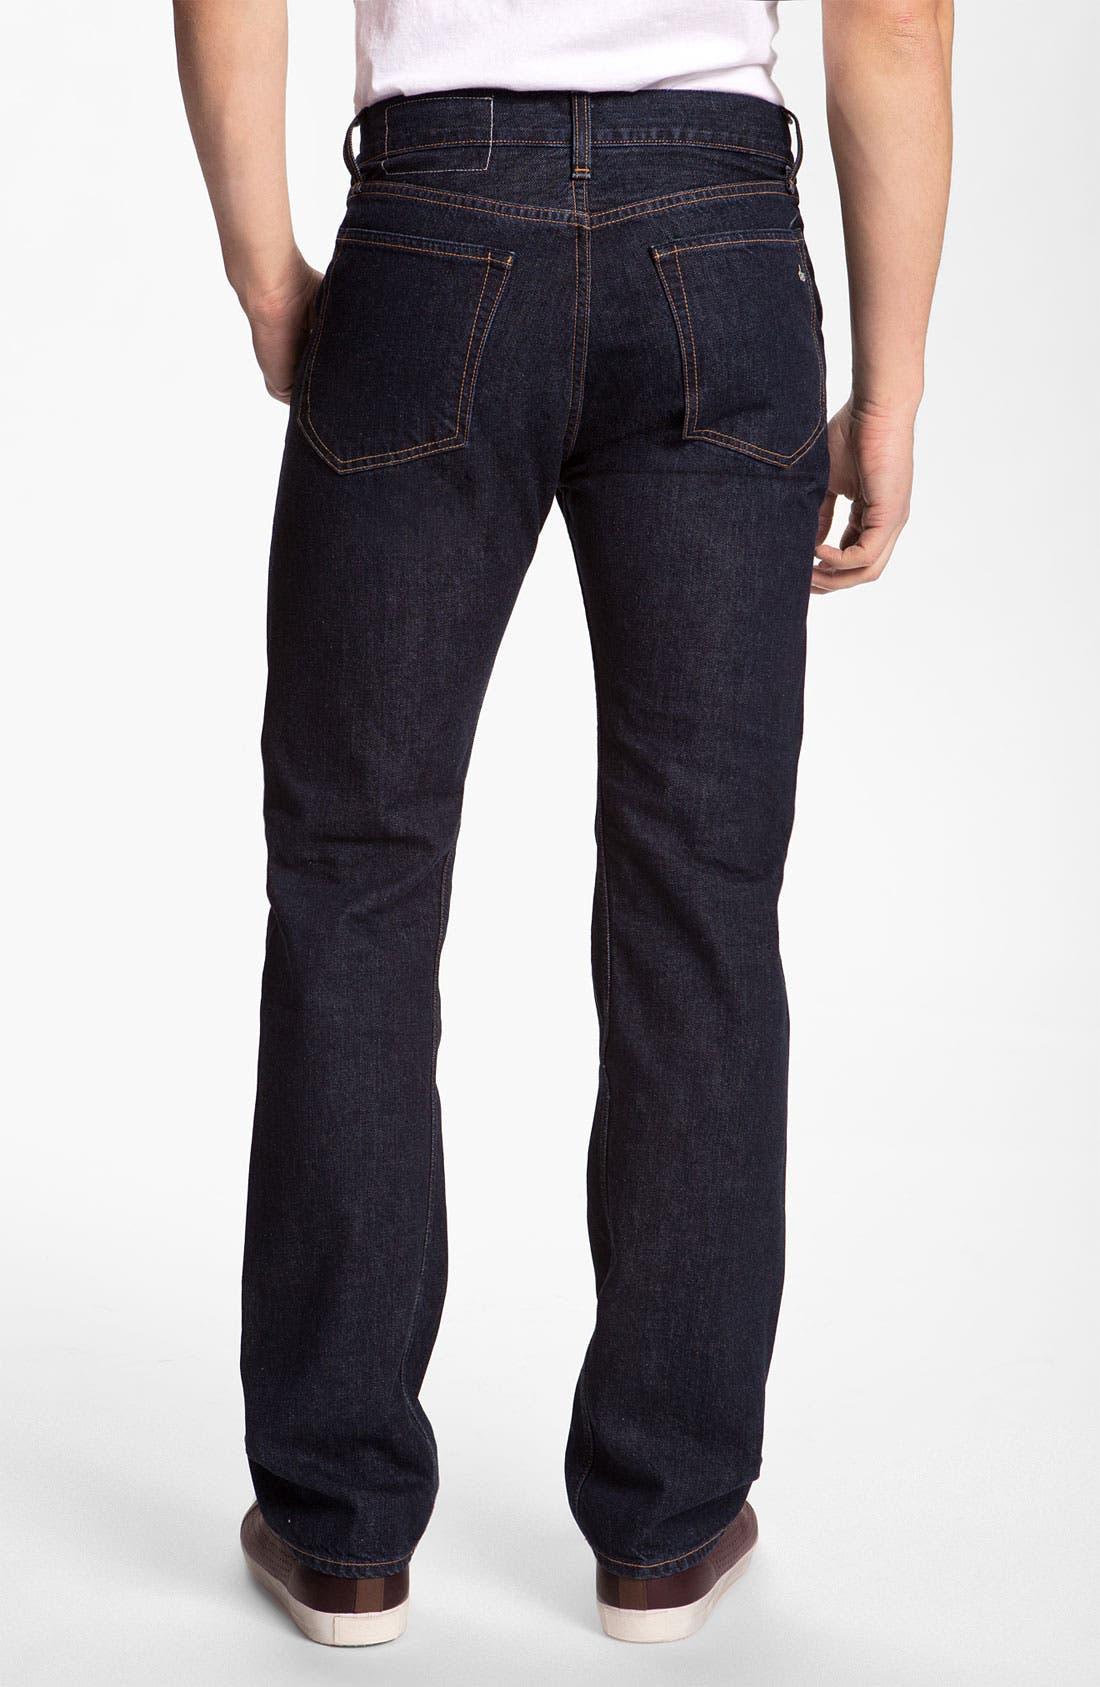 Alternate Image 1 Selected - rag & bone 'RB11X' Straight Leg Jeans